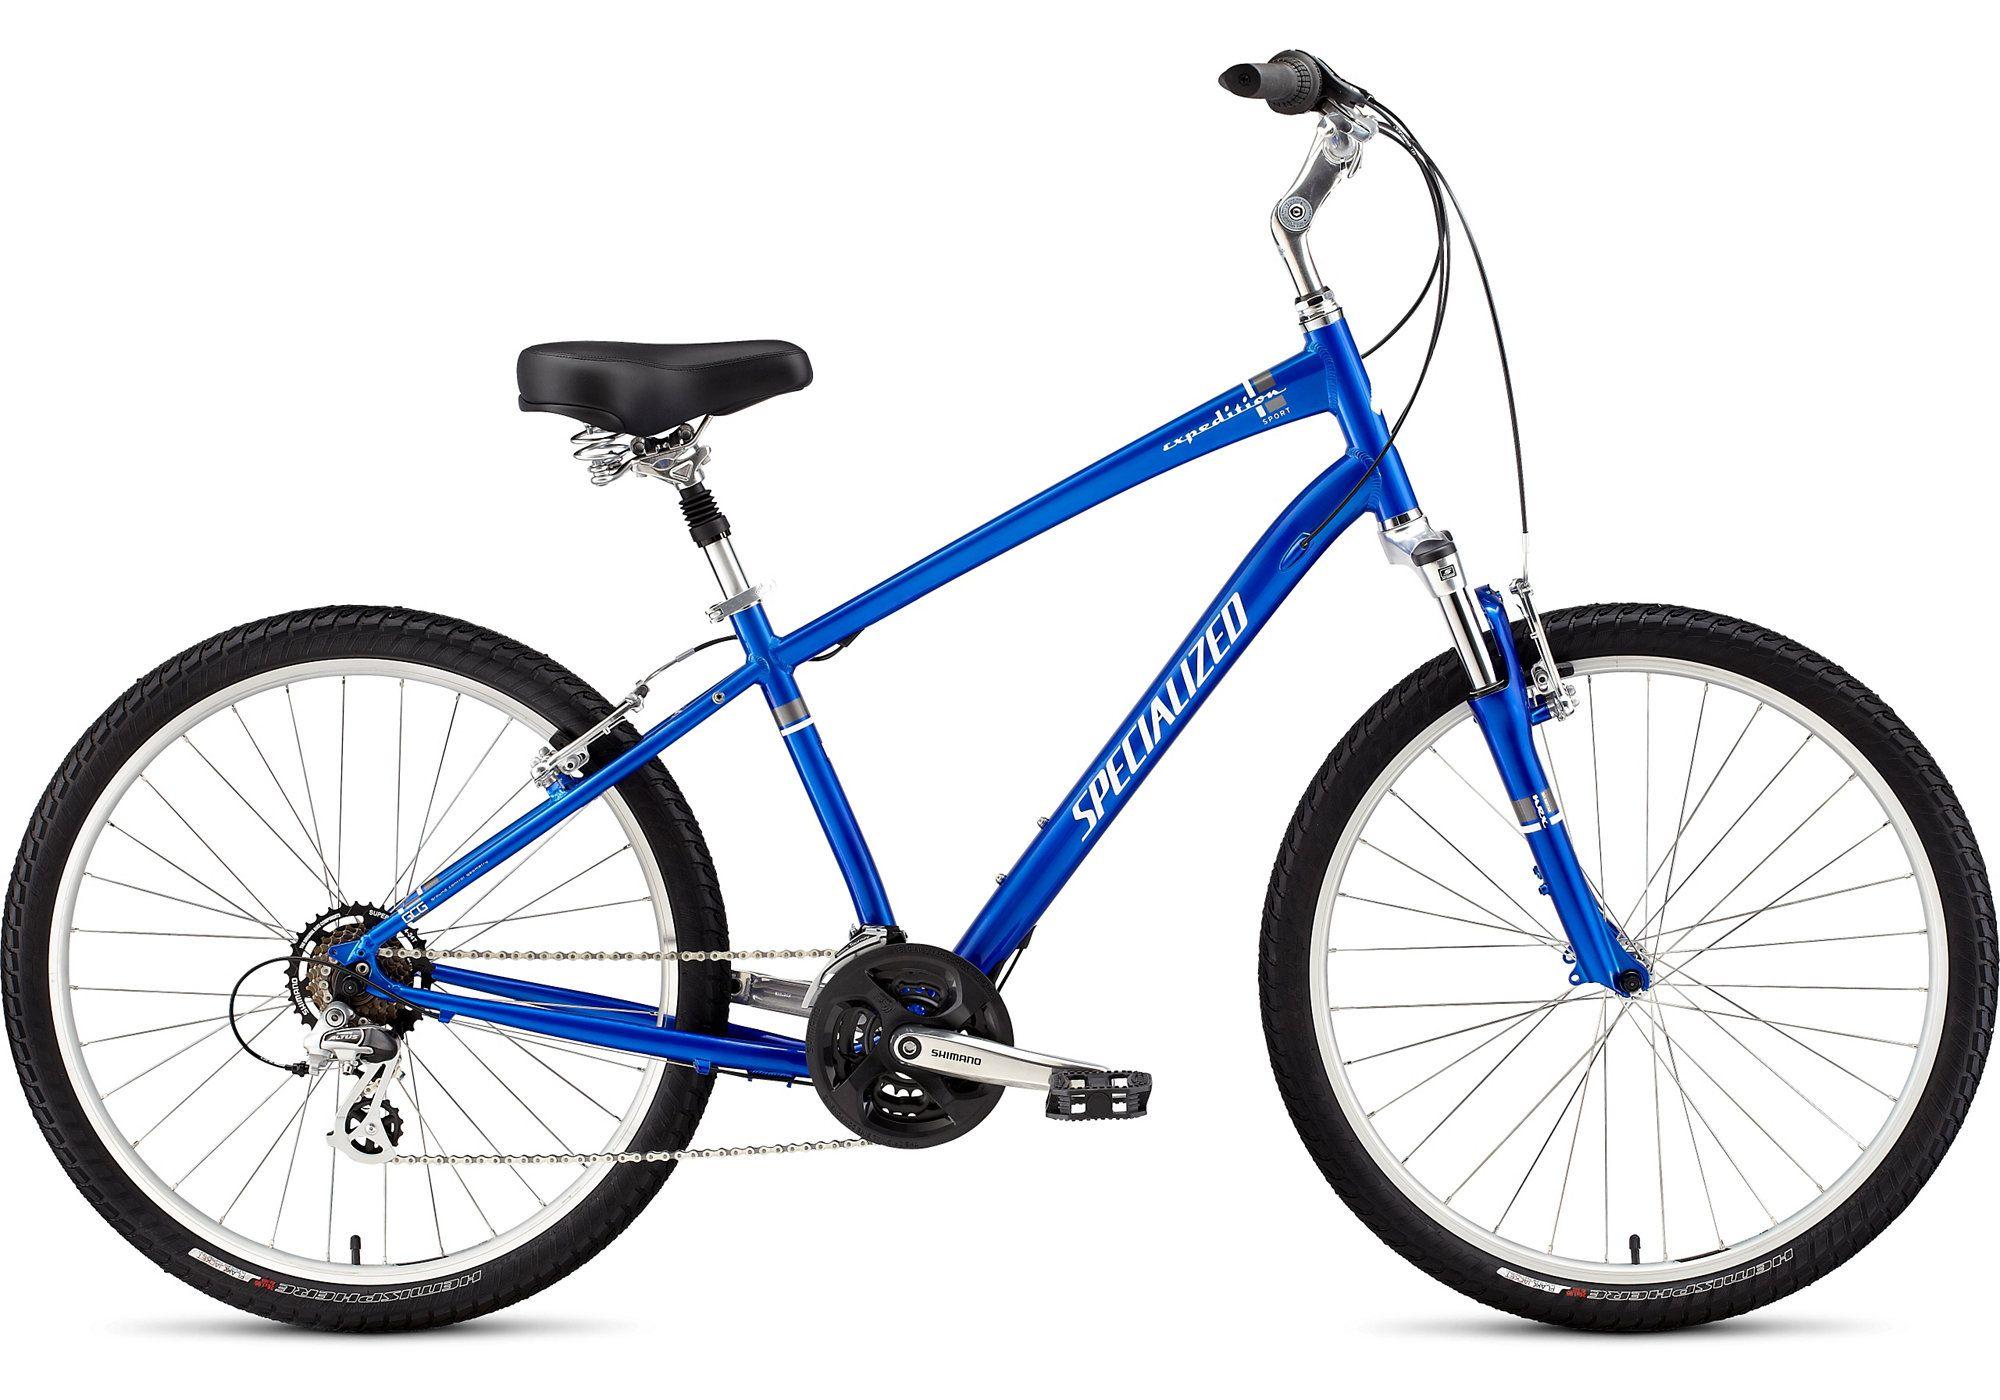 Велосипед Specialized Expedition Sport 2016 selle royal посмотрите в основном седле велосипеда sr mountain велоспорт складное место для велосипеда